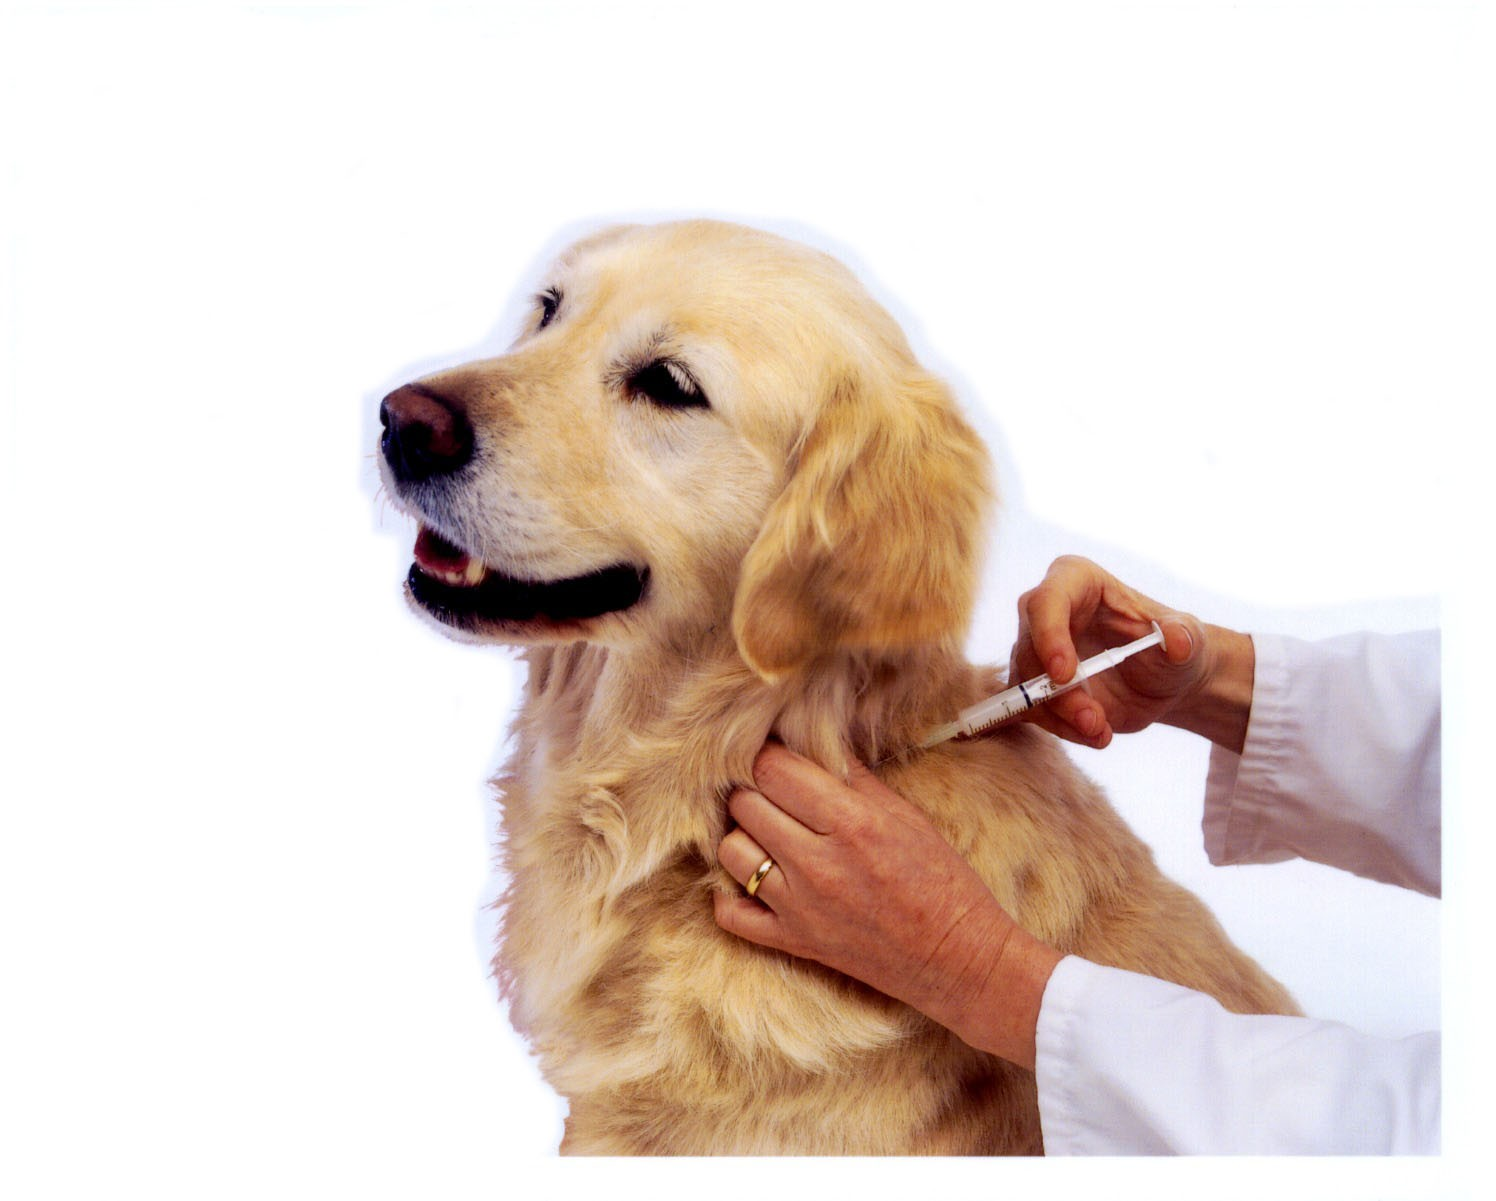 dog being vaccinated - Mês de Agosto. Mês da Vacinação Anti-rábica Saiba tudo sobre este assunto